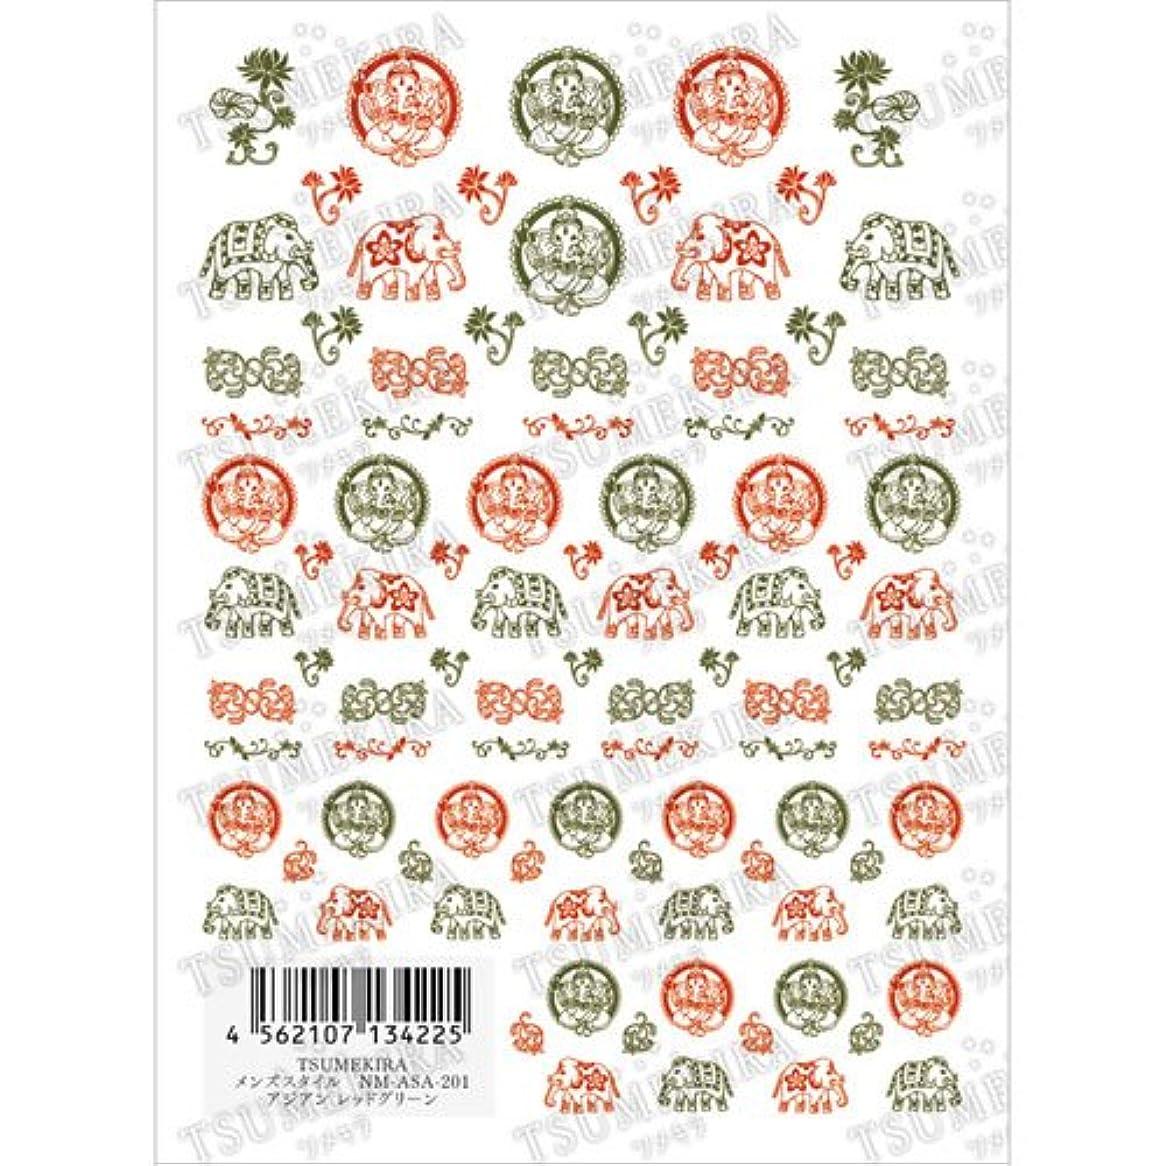 シャンプーラメ買い手ツメキラ ネイル用シール メンズスタイル アジアン レッドグリーン